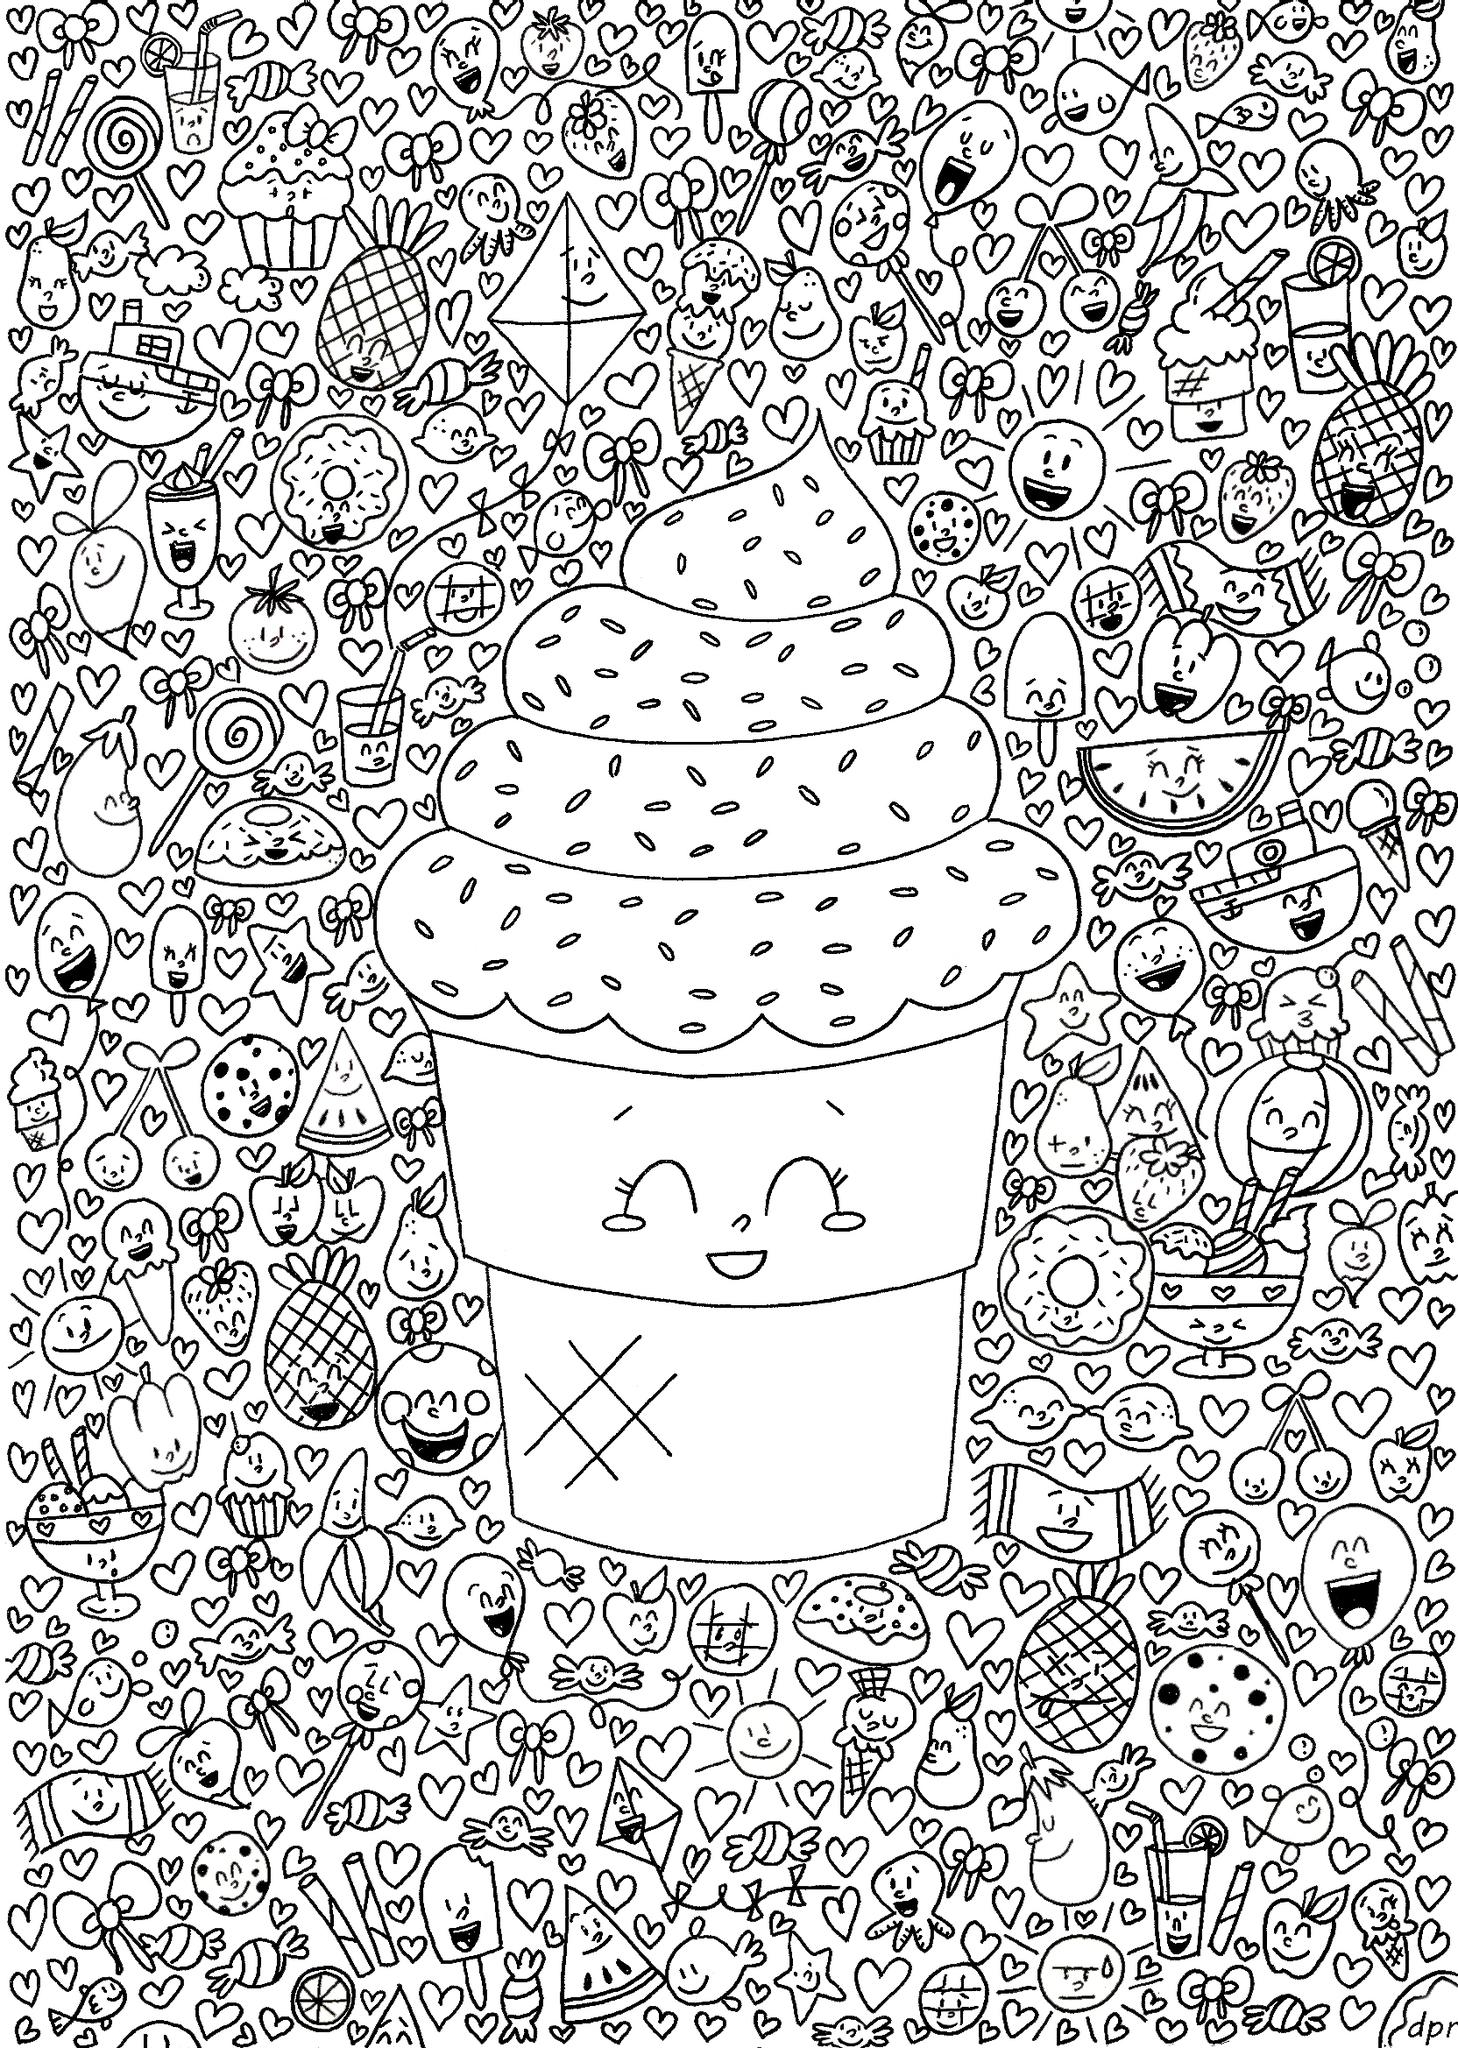 coloring-for-adults-kleuren-voor-volwassenen-wallpaper-wp4604948-2